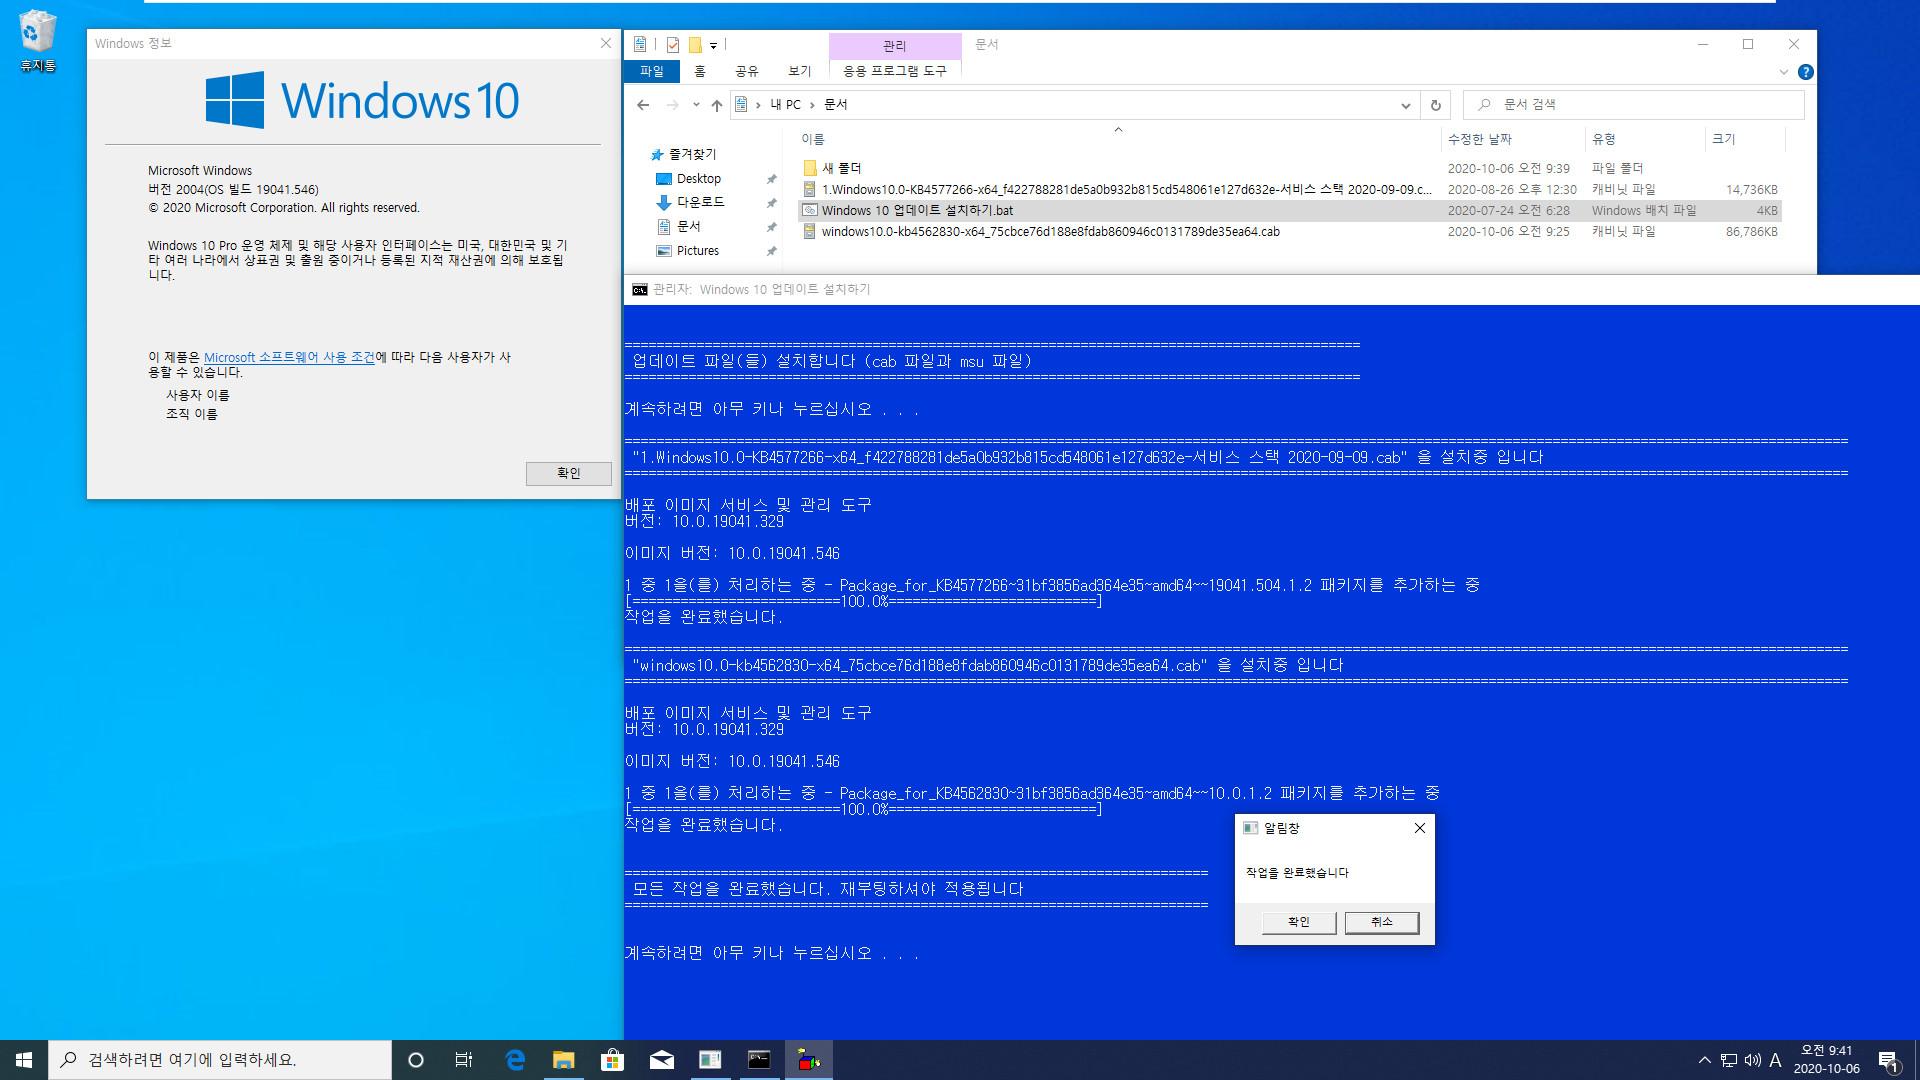 버전 2004 (20H1)에서 버전 2009 (20H2) 업그레이드하기 - 누적 업데이트와 서비스 스택이 설치되어 있지 않은 경우 2020-10-06_094157.jpg